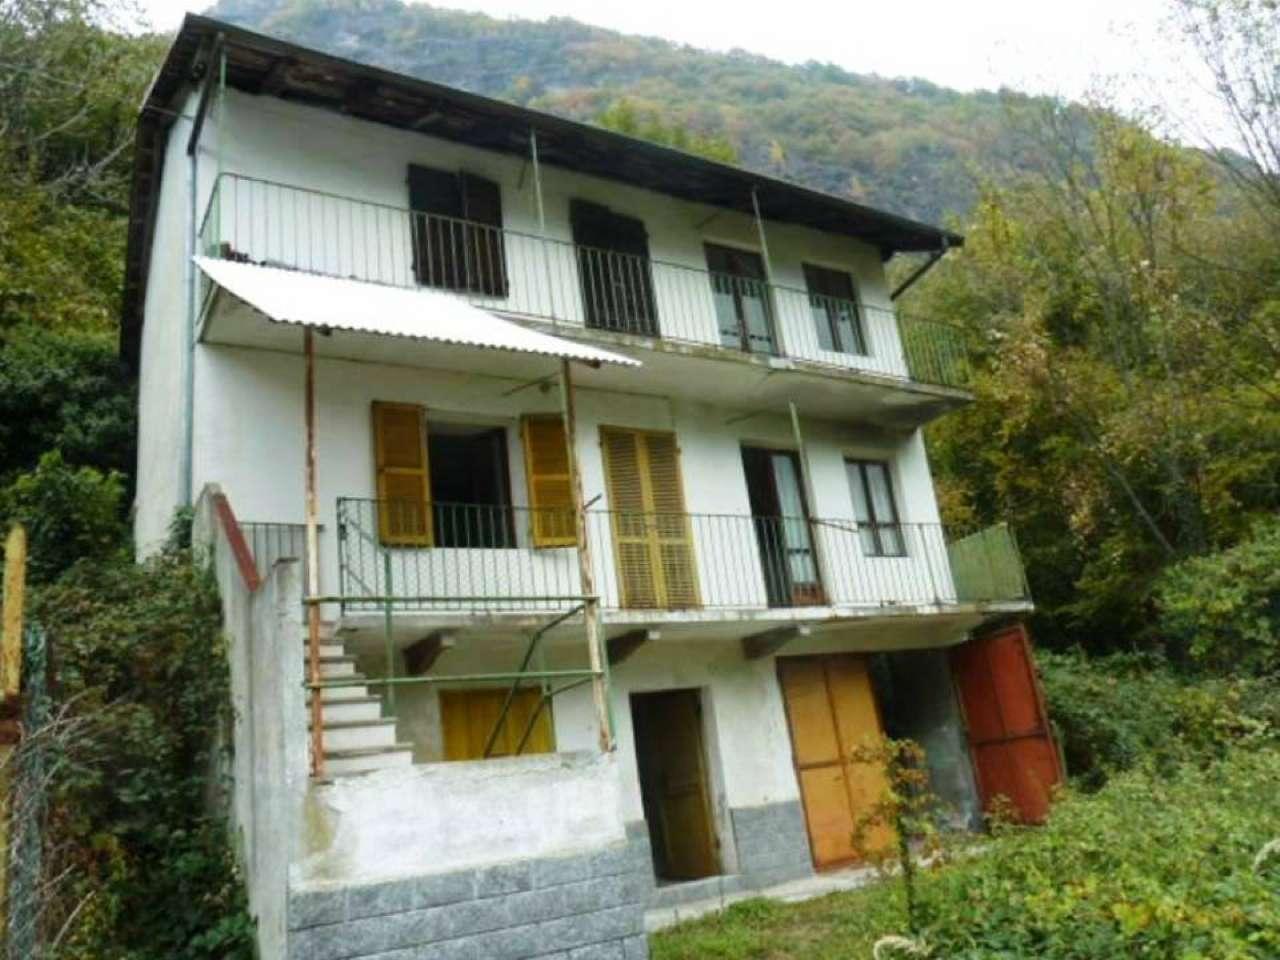 Soluzione Indipendente in vendita a Locana, 6 locali, prezzo € 60.000 | CambioCasa.it